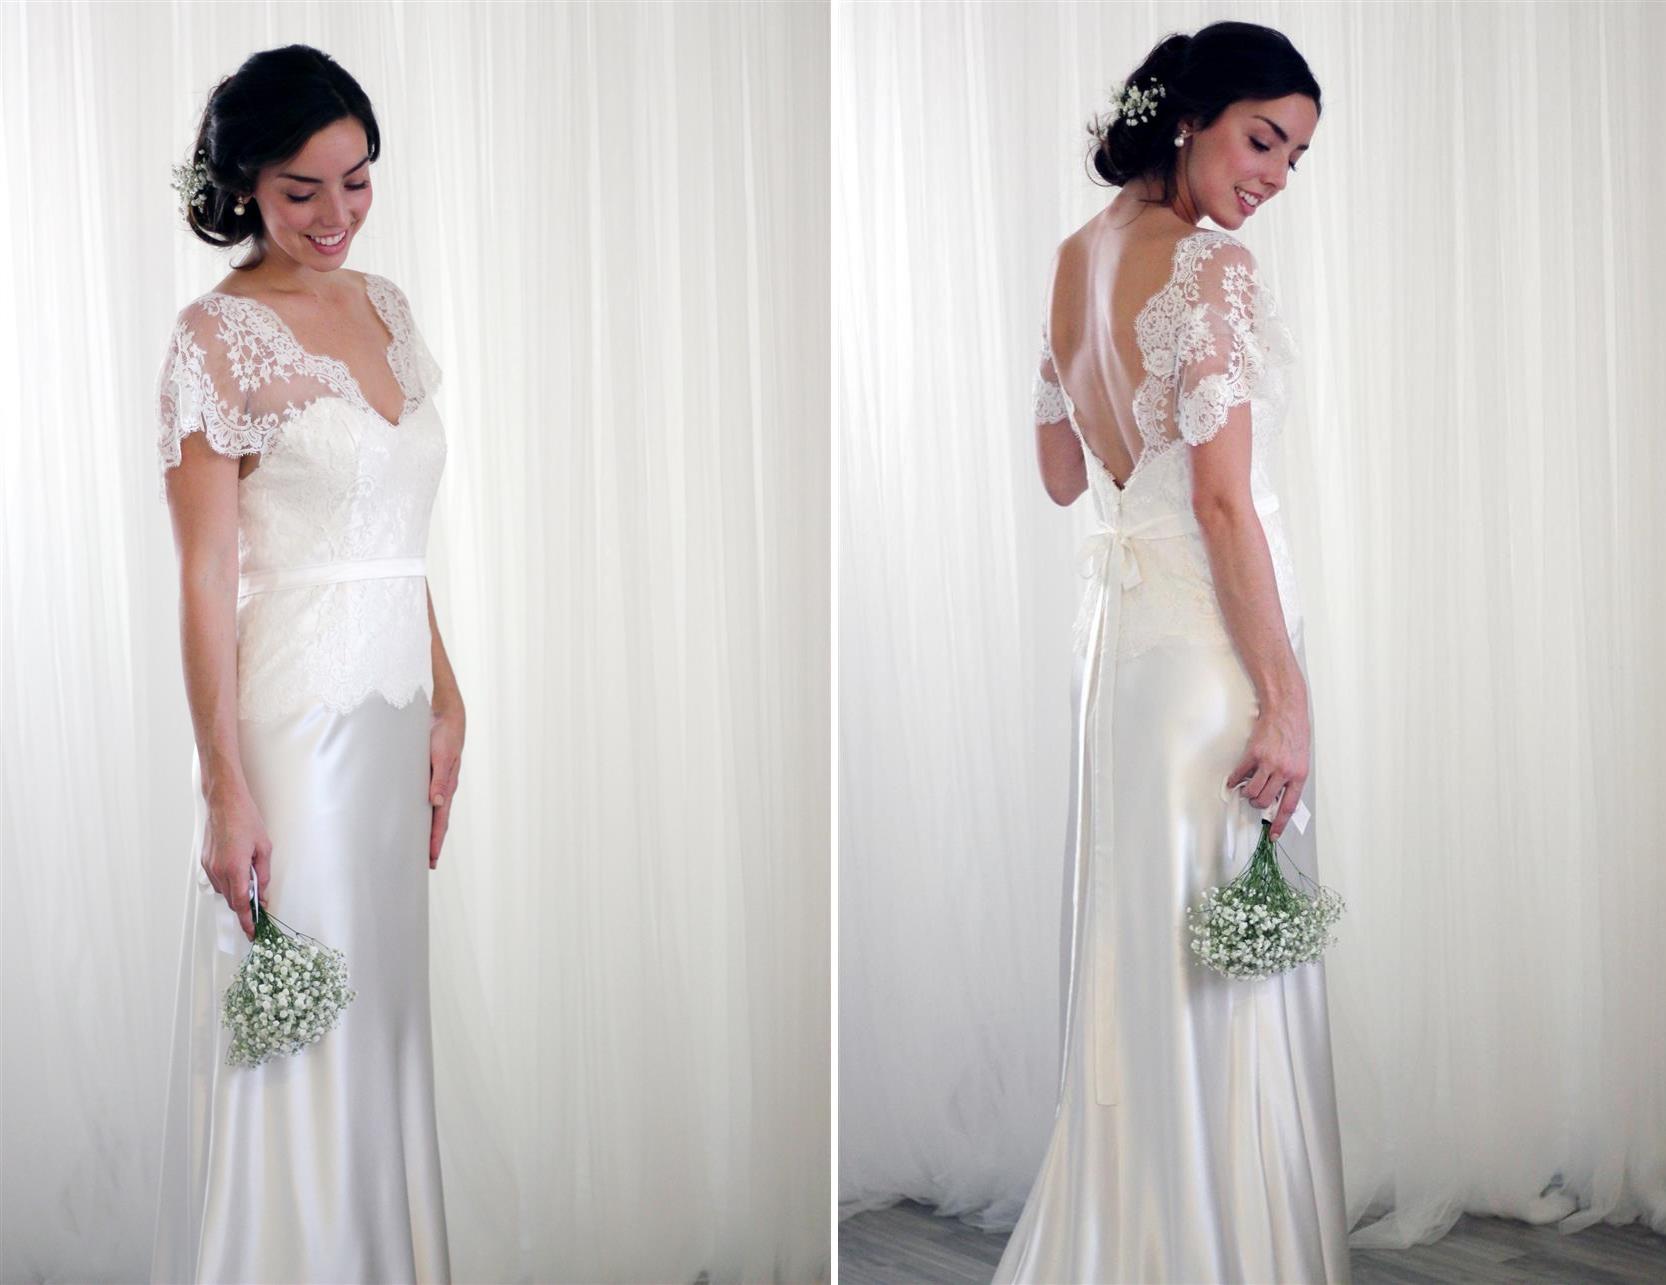 Rose & Delilah's 2015 Bridal Collection - Rose